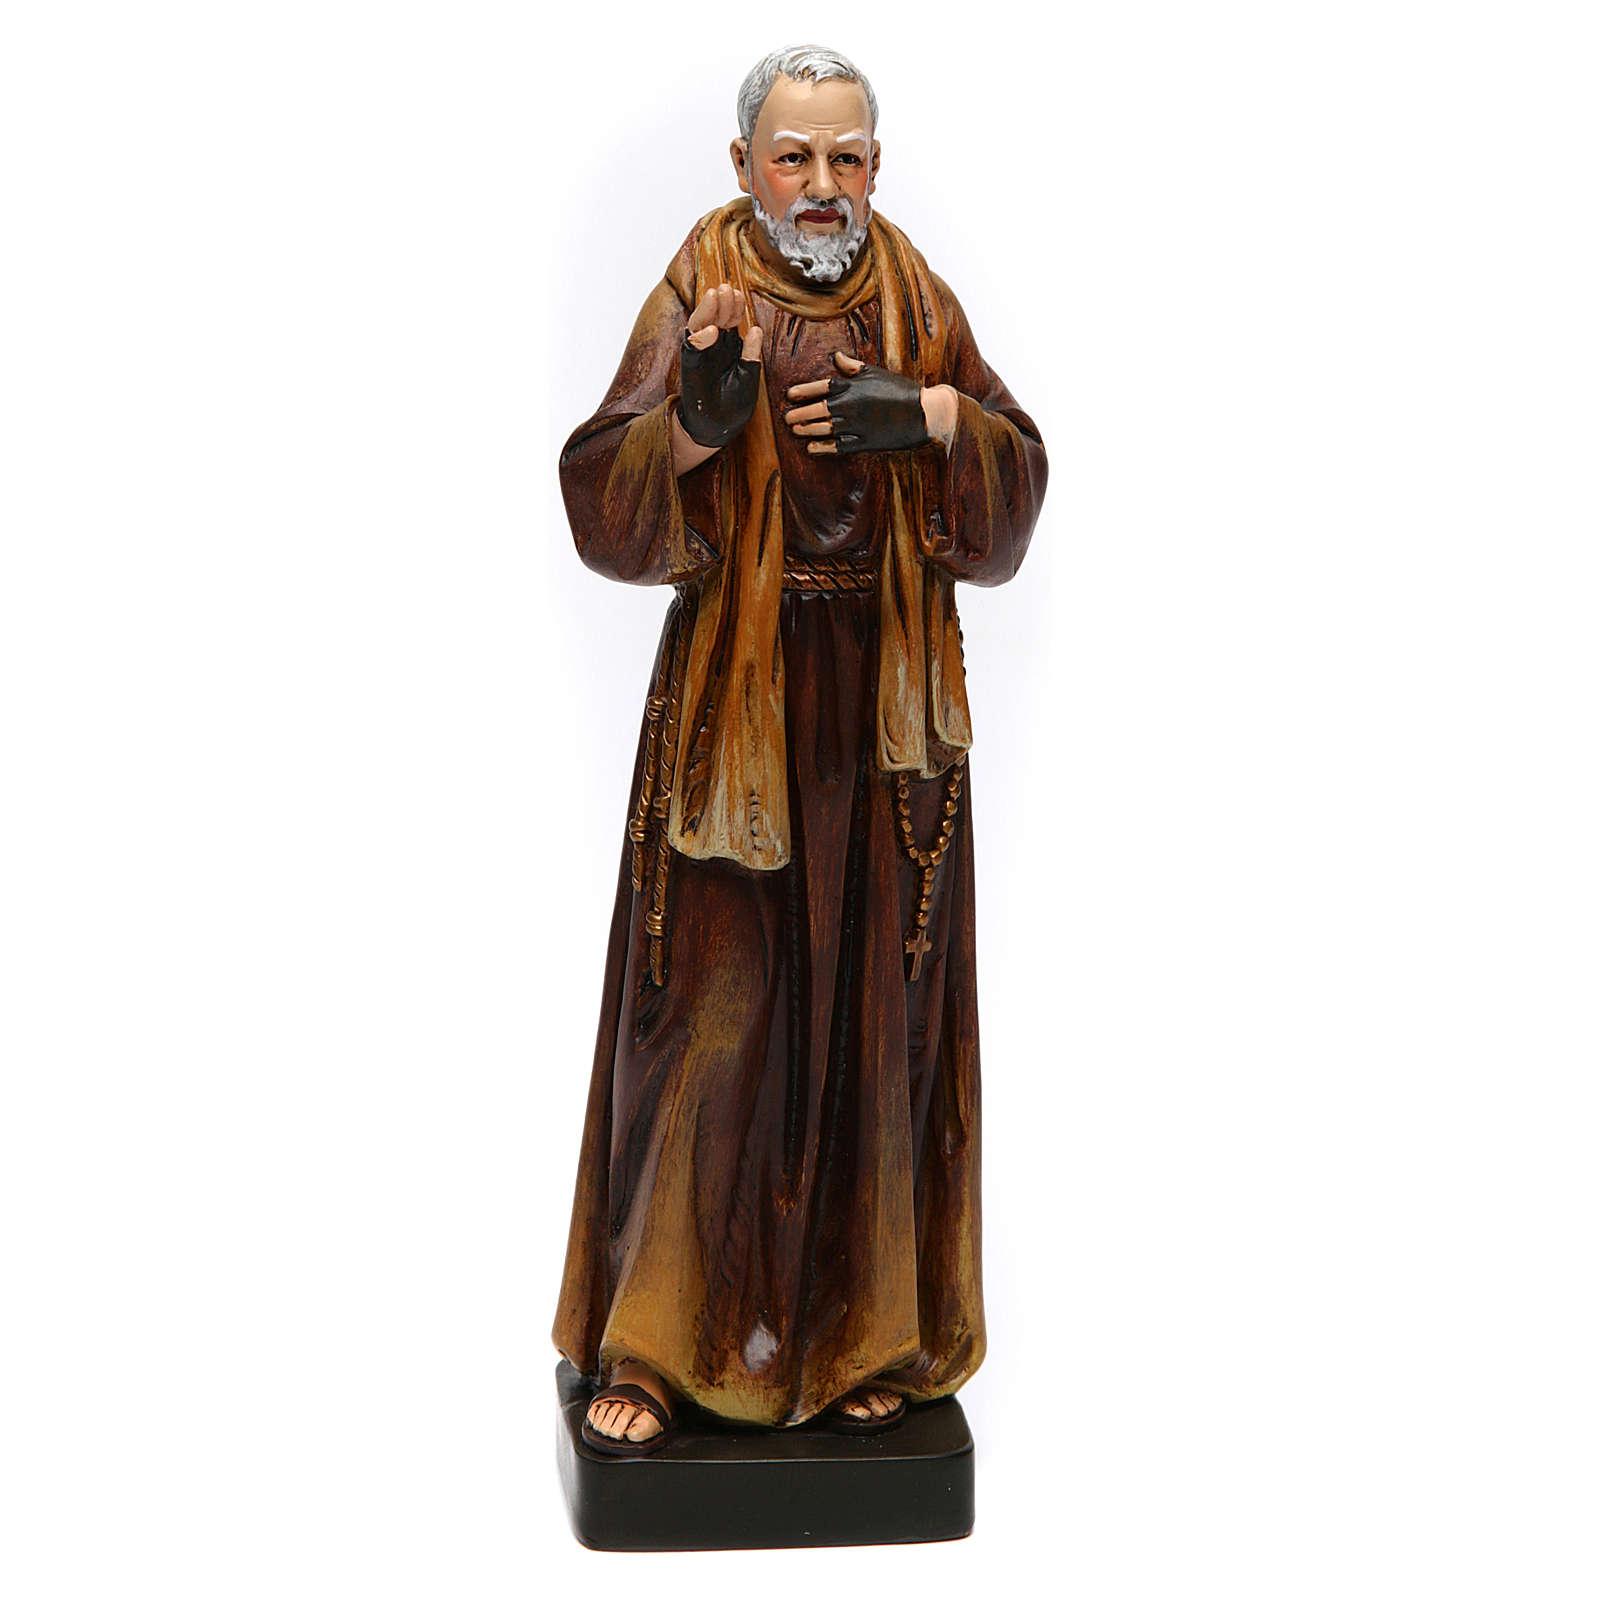 Figurka święty Ojciec Pio ścier drzewny malowany 4